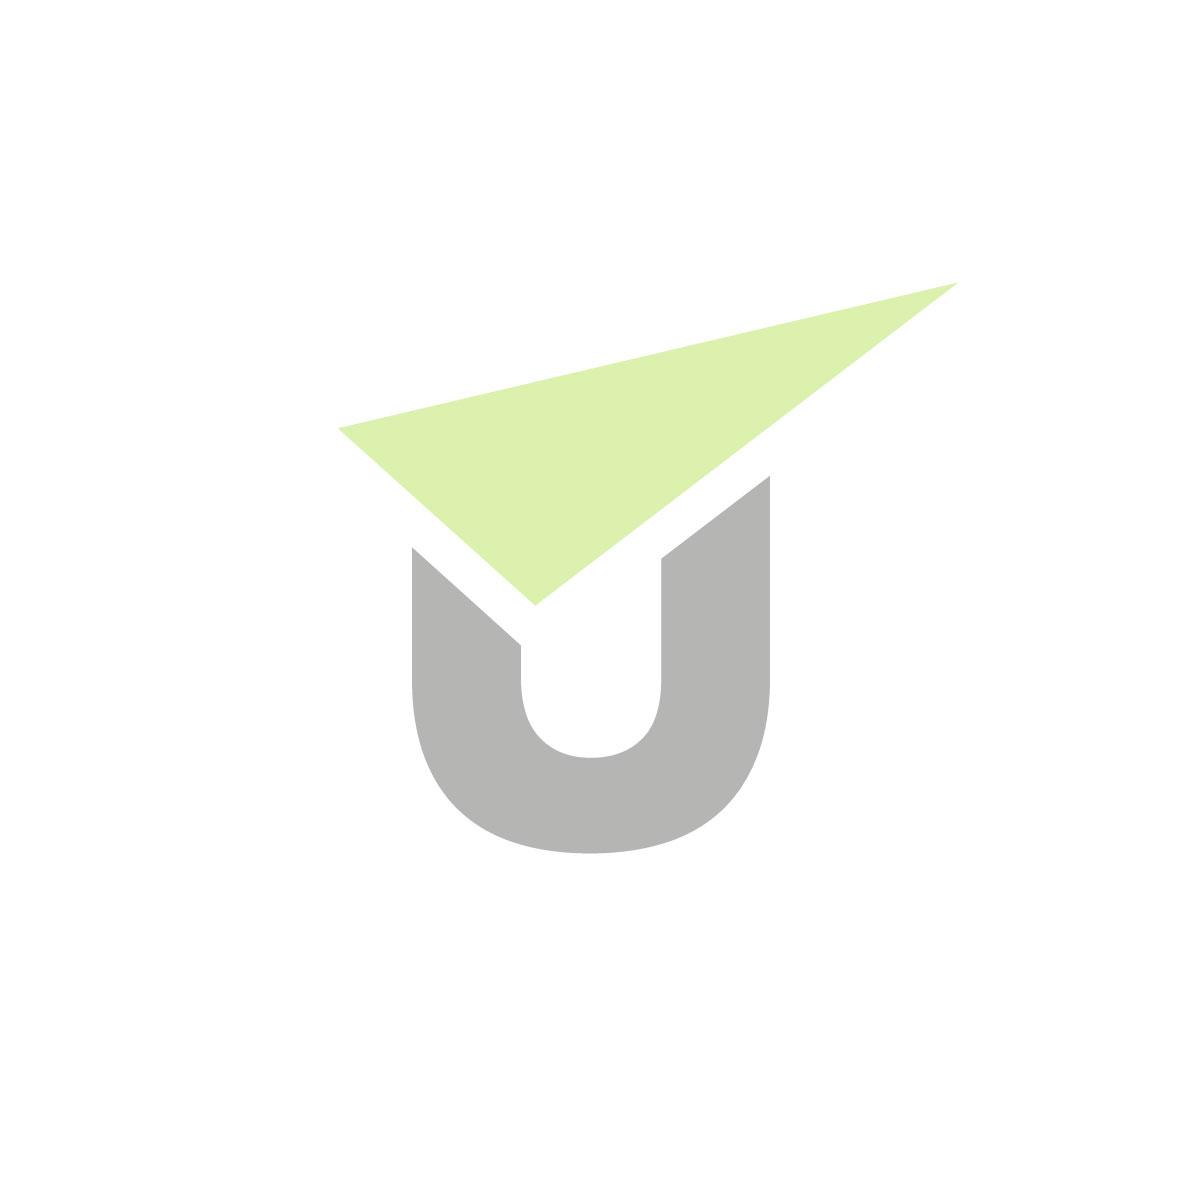 Tabla paddle surf yoga hinchable YUCATAN como producto recomendado